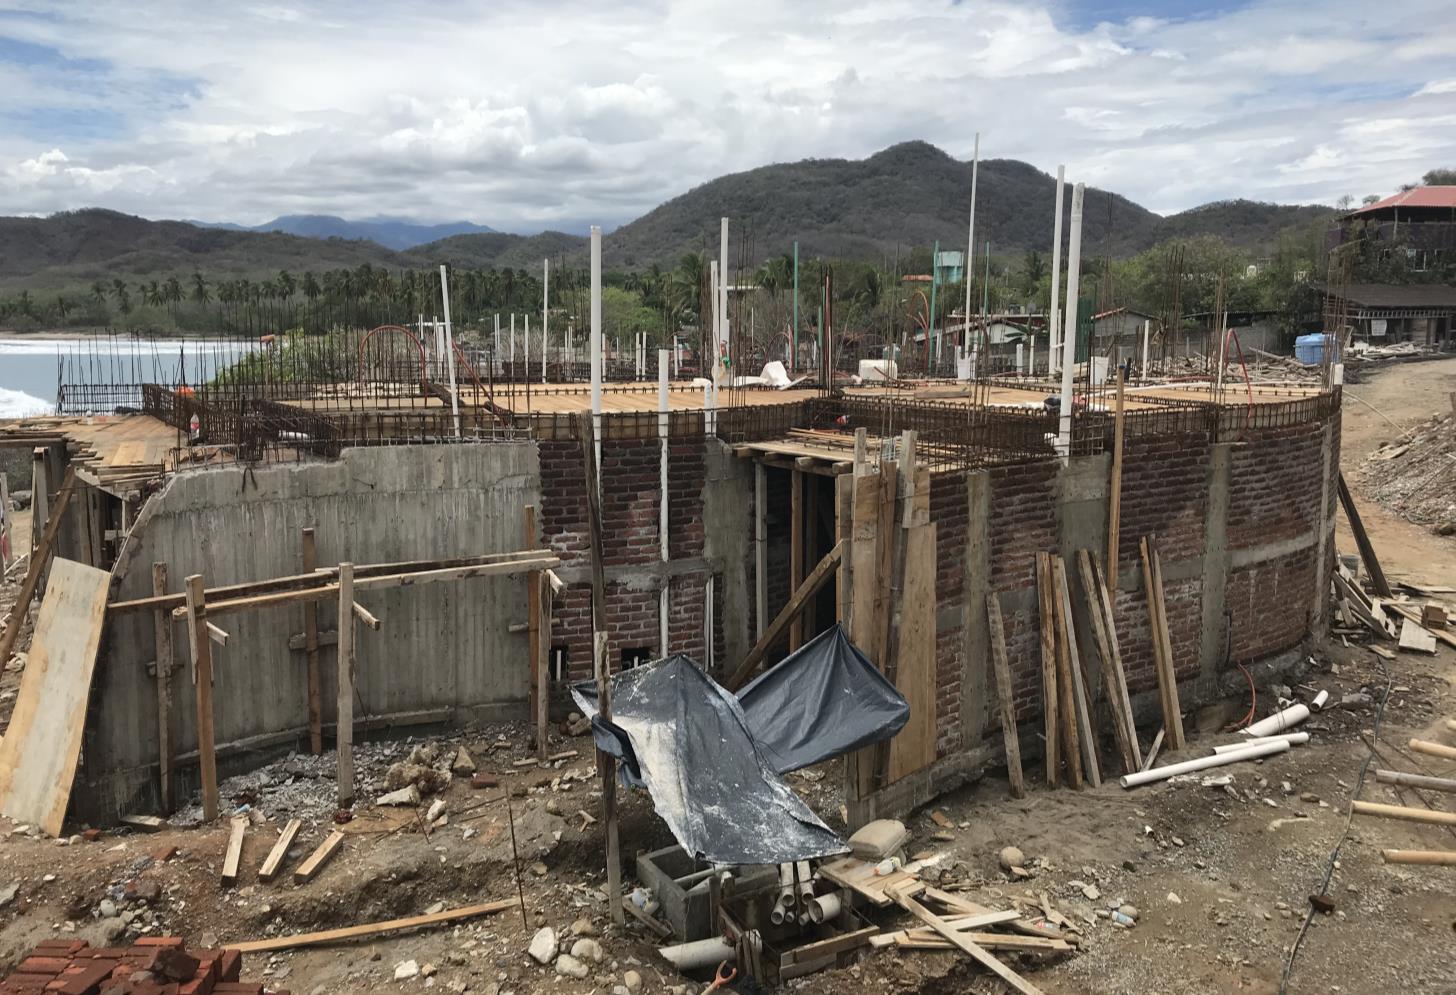 REPORTE-FOTOGRAFICO-PUNTA-MAJAHUA-16-DE-JUNIO-DEL-2018-015.jpg